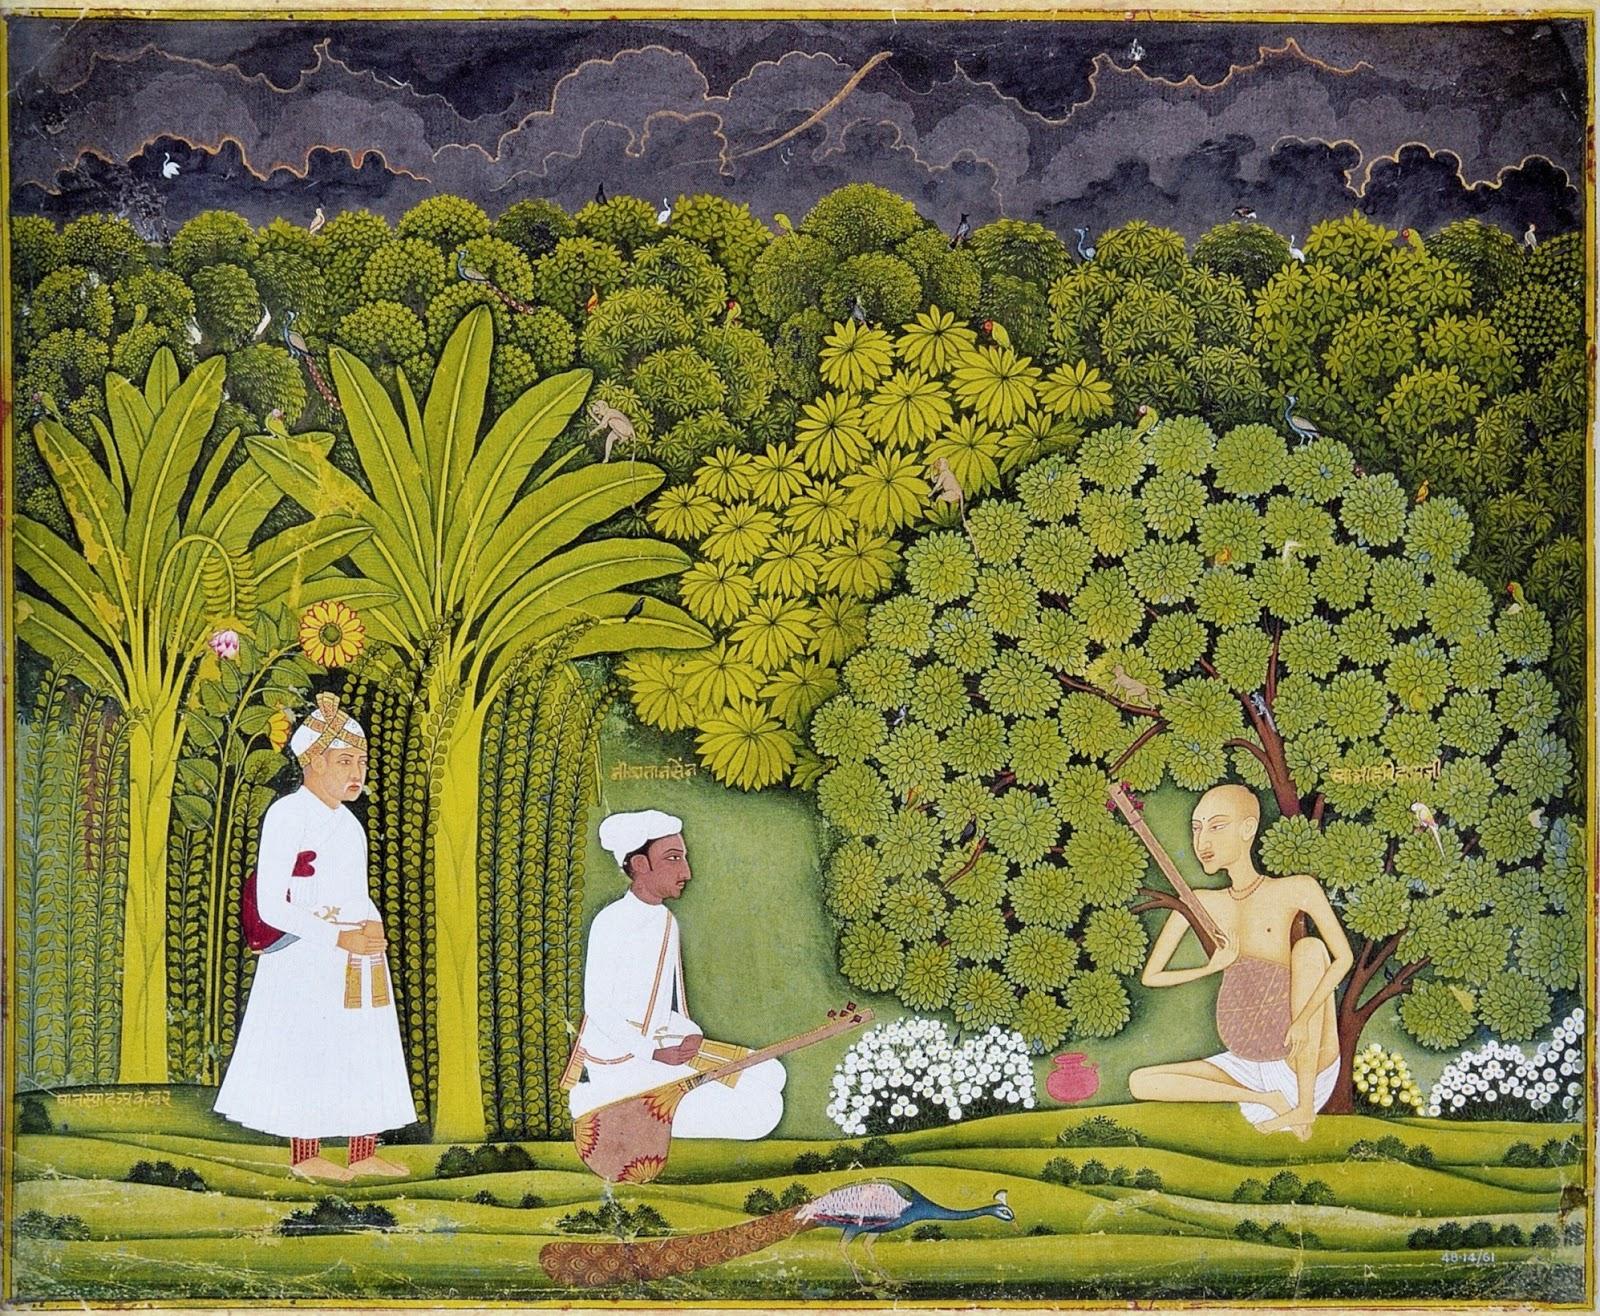 surdas in hindi